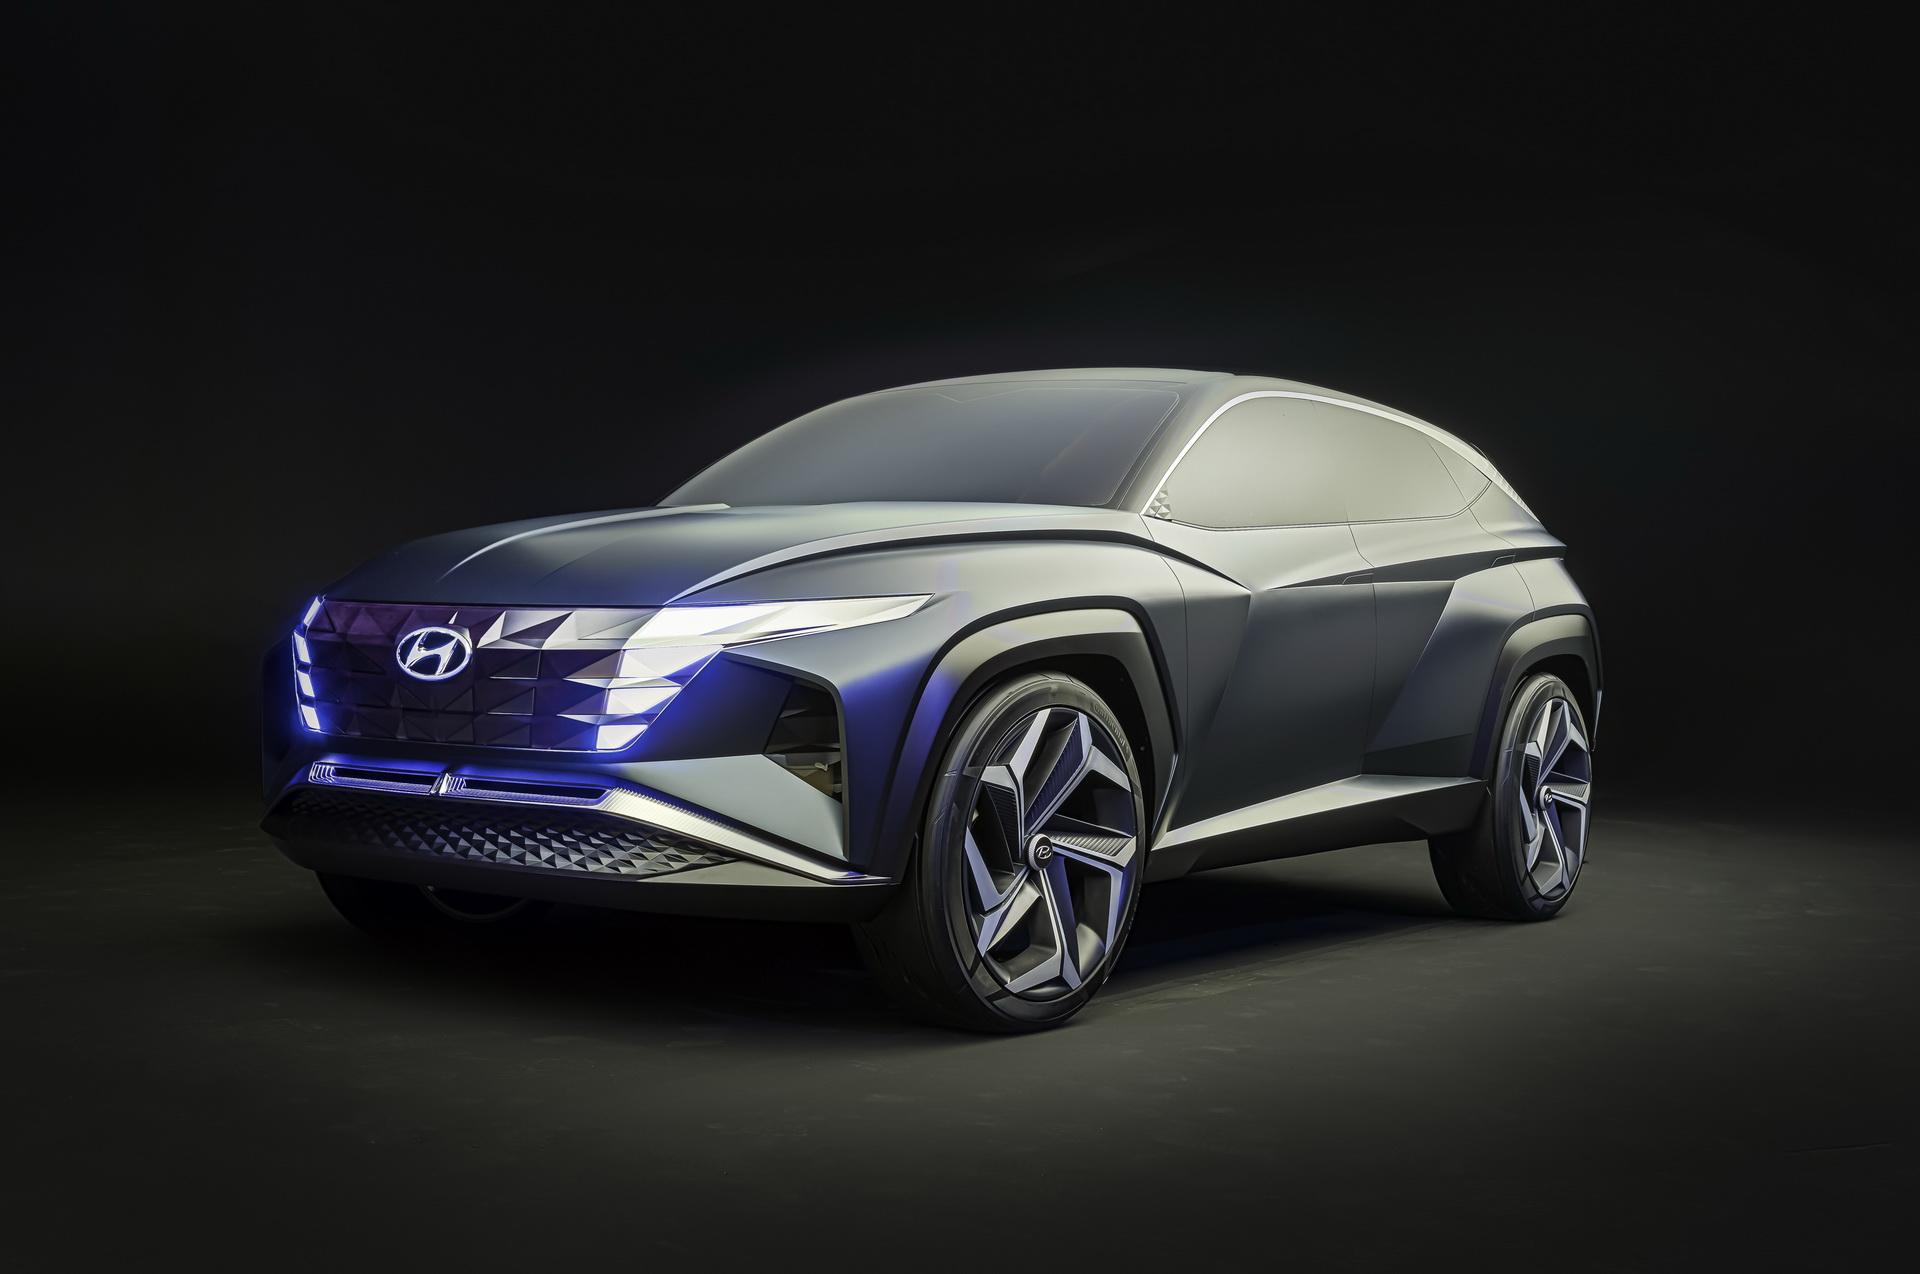 tucson concept 1603842756482237507503 Kia Sportage thế hệ mới hé lộ hình ảnh cạnh tranh với Hyundai Tucson